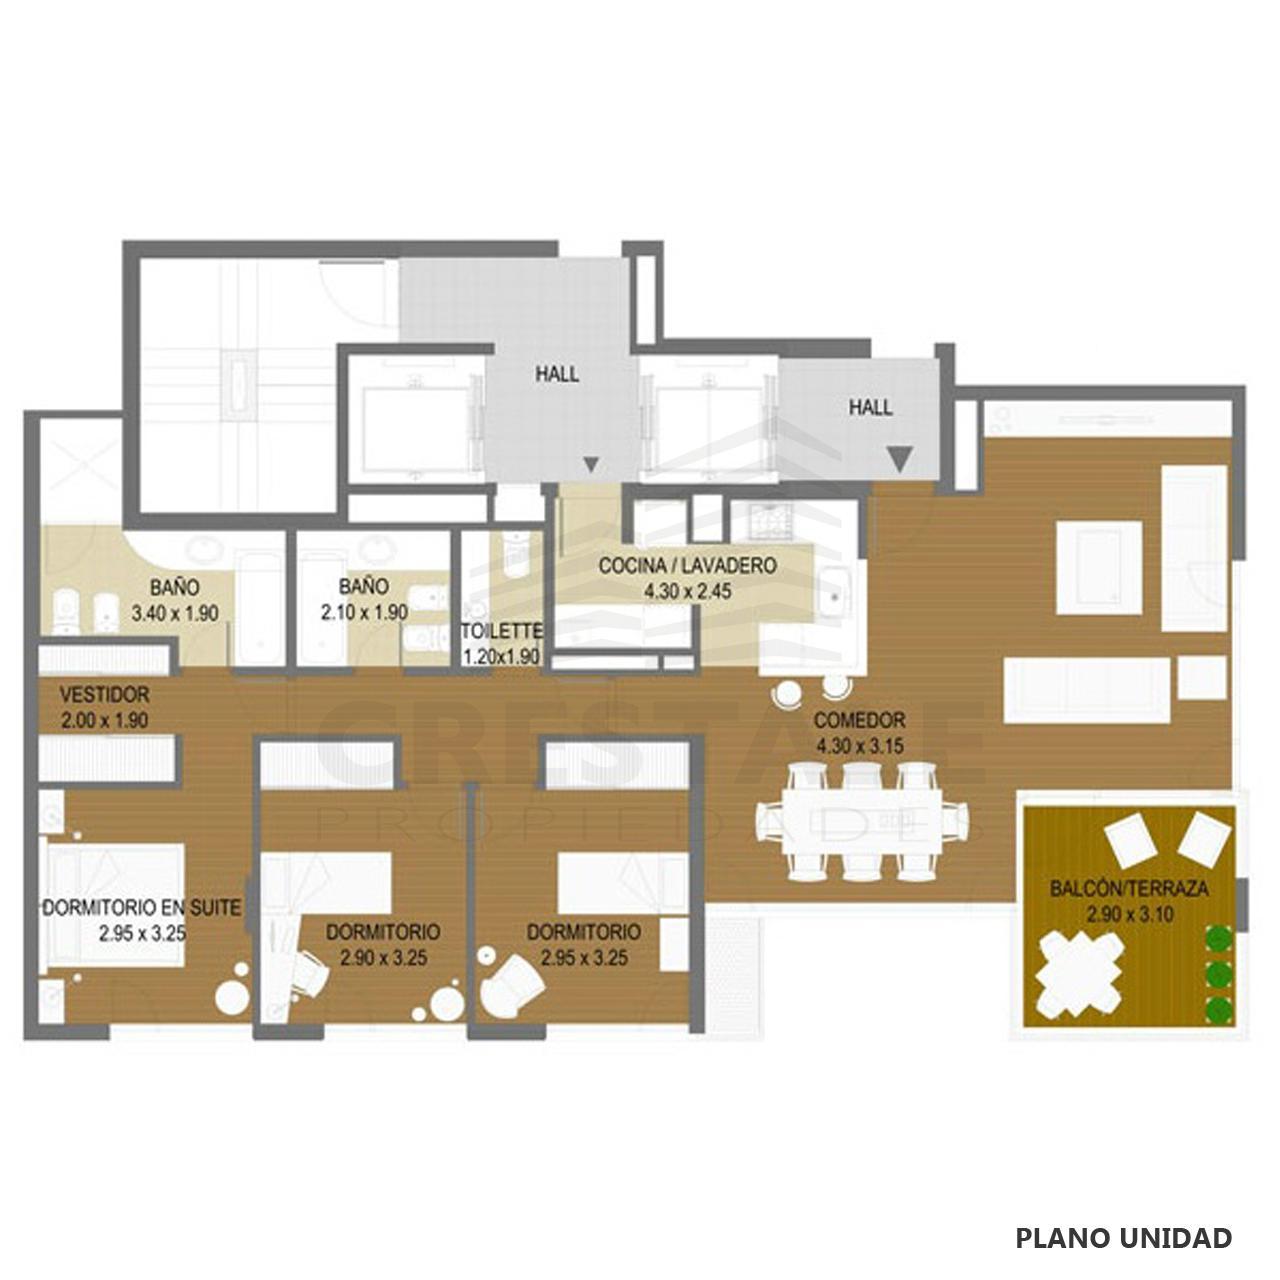 Venta departamento 3+ dormitorios Rosario, Puerto Norte. Cod CAP649666. Crestale Propiedades